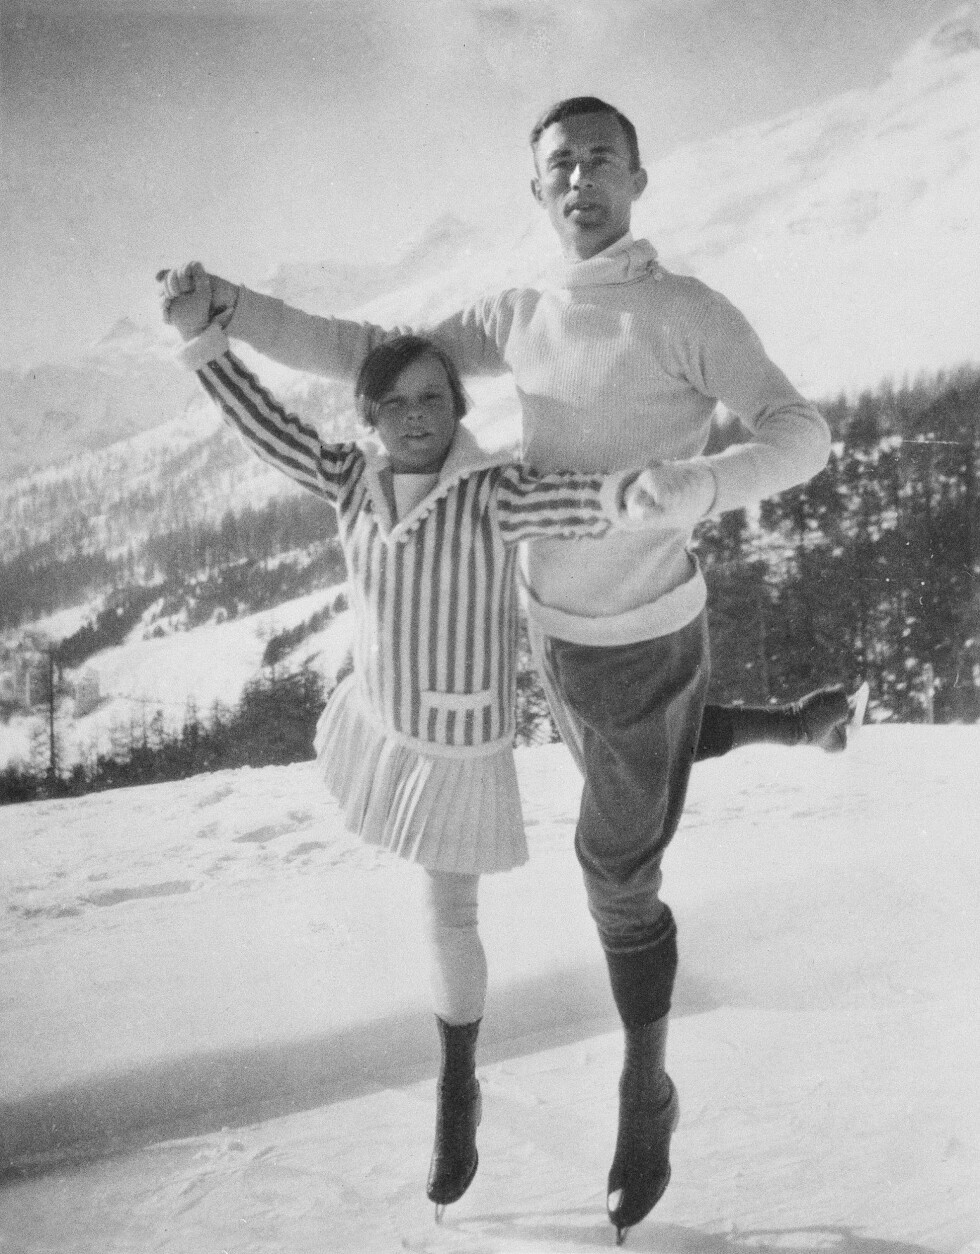 UNGE SONJA: 11 år gamle Sonja Henie og den svenske kunstløperen Gilles Grafström fotografert under OL i Chamonix i Frankrike i 1924. Fire år senere vant hun sitt første OL-gull. FOTO: NTB Scanpix